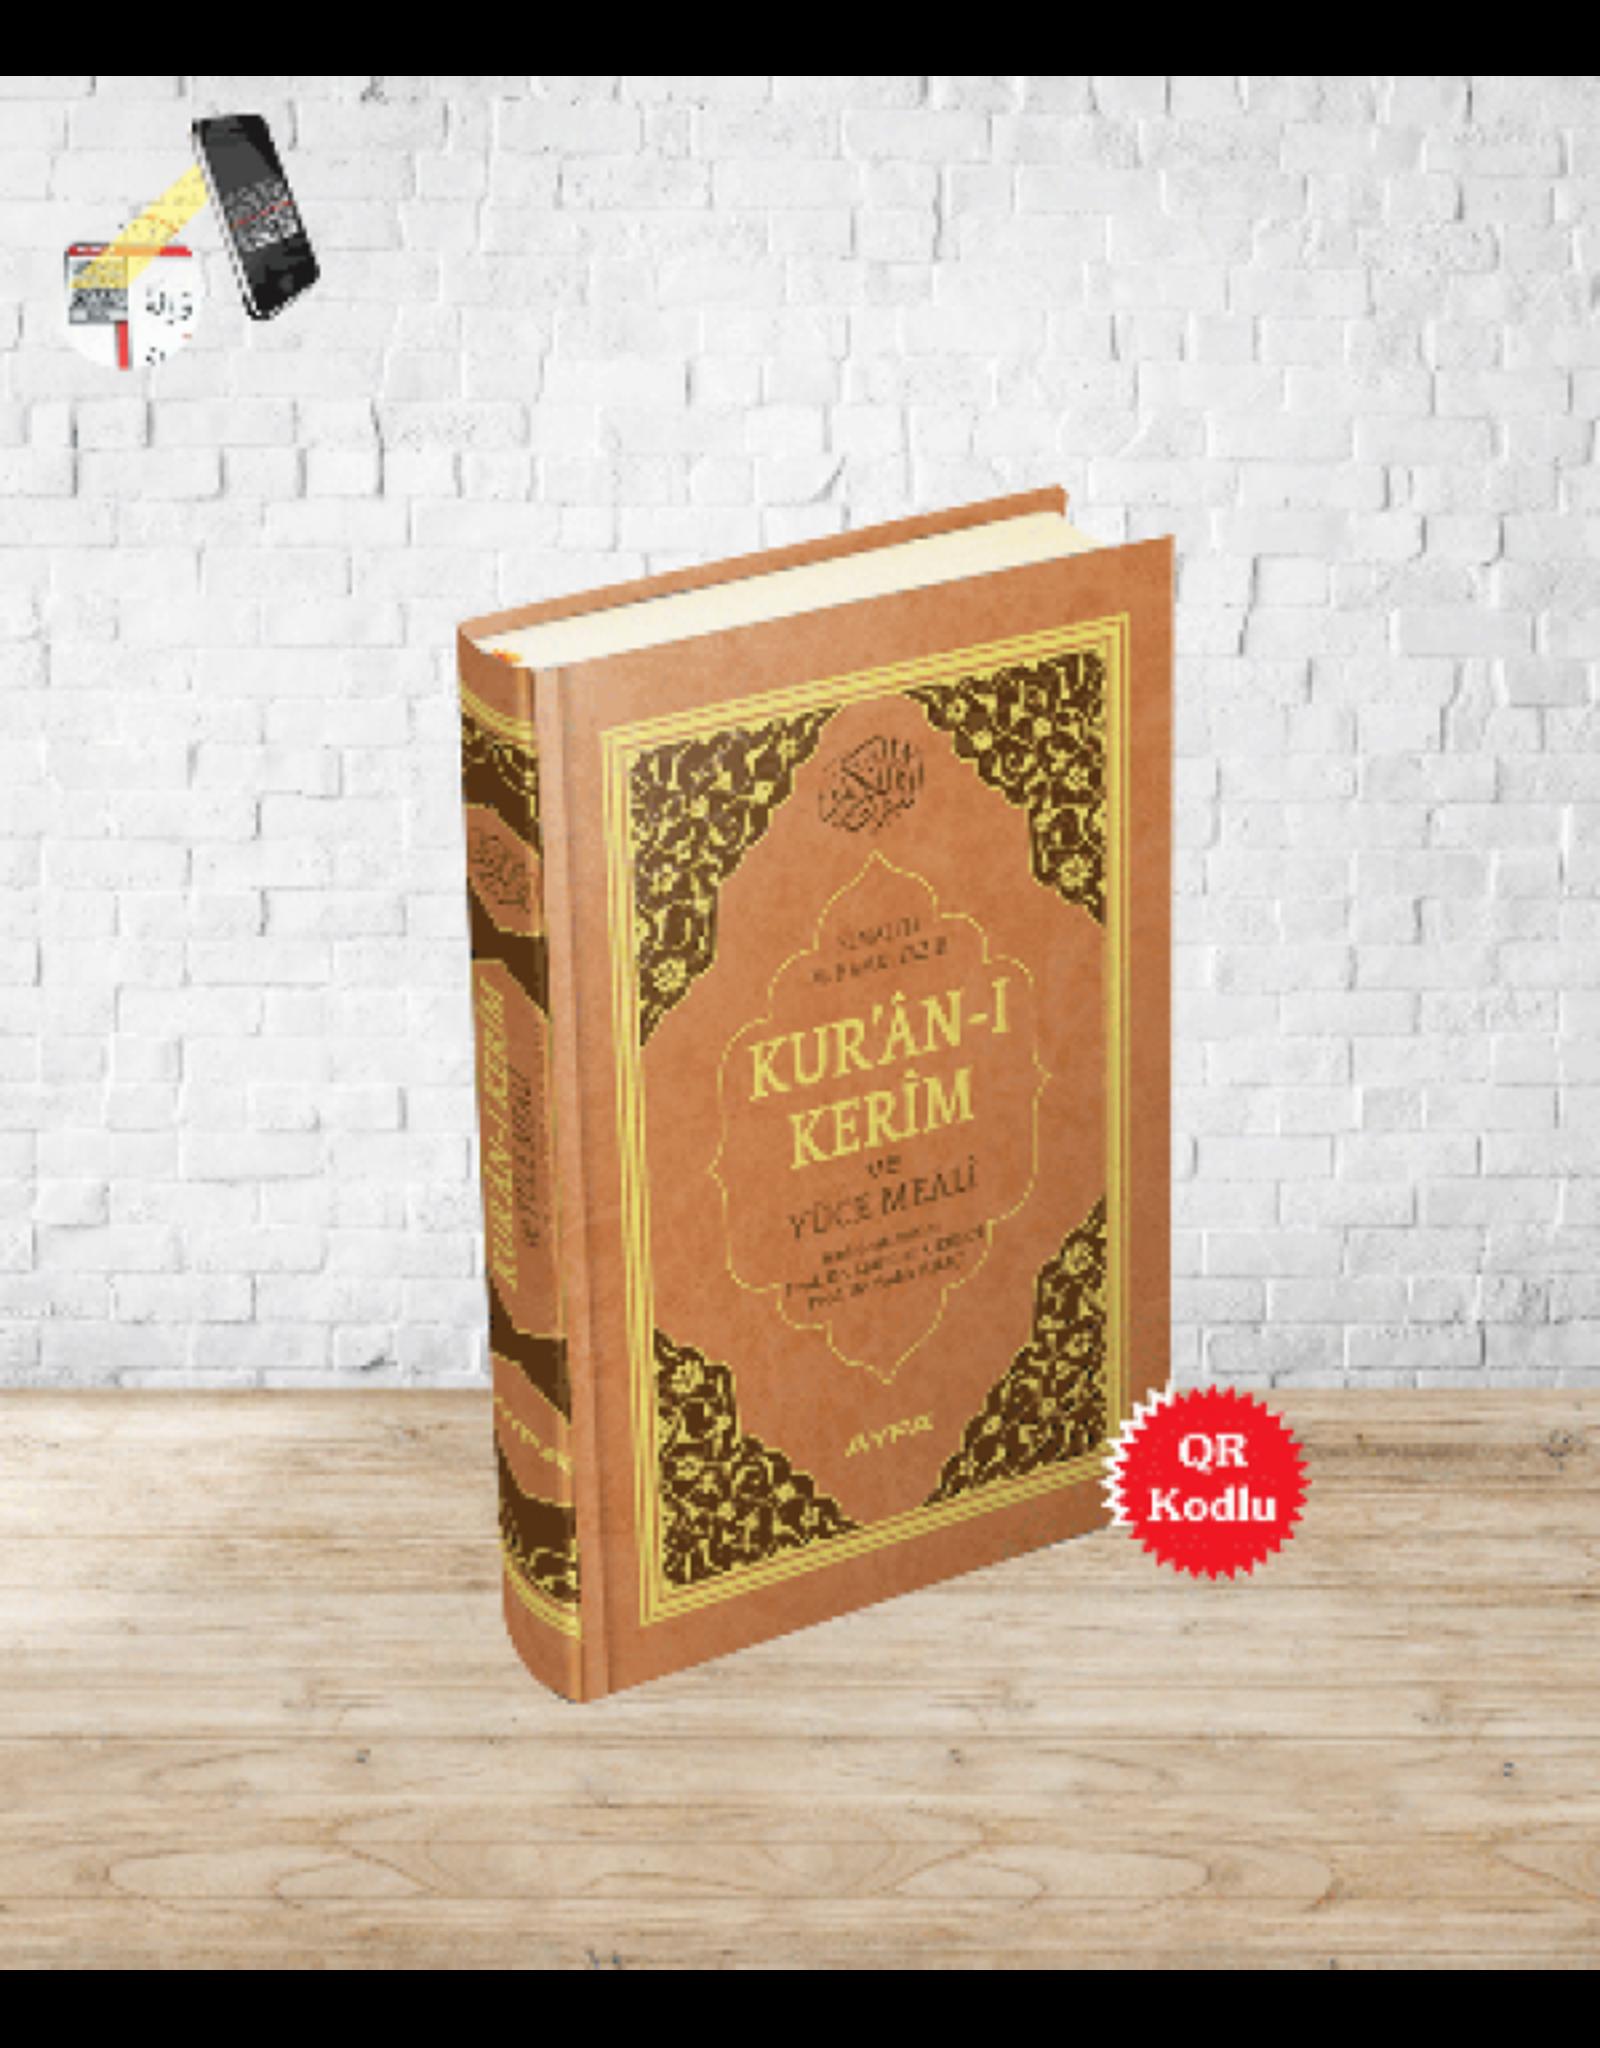 Kur'an-ı Kerim ve Yüce Meali Rahle Boy